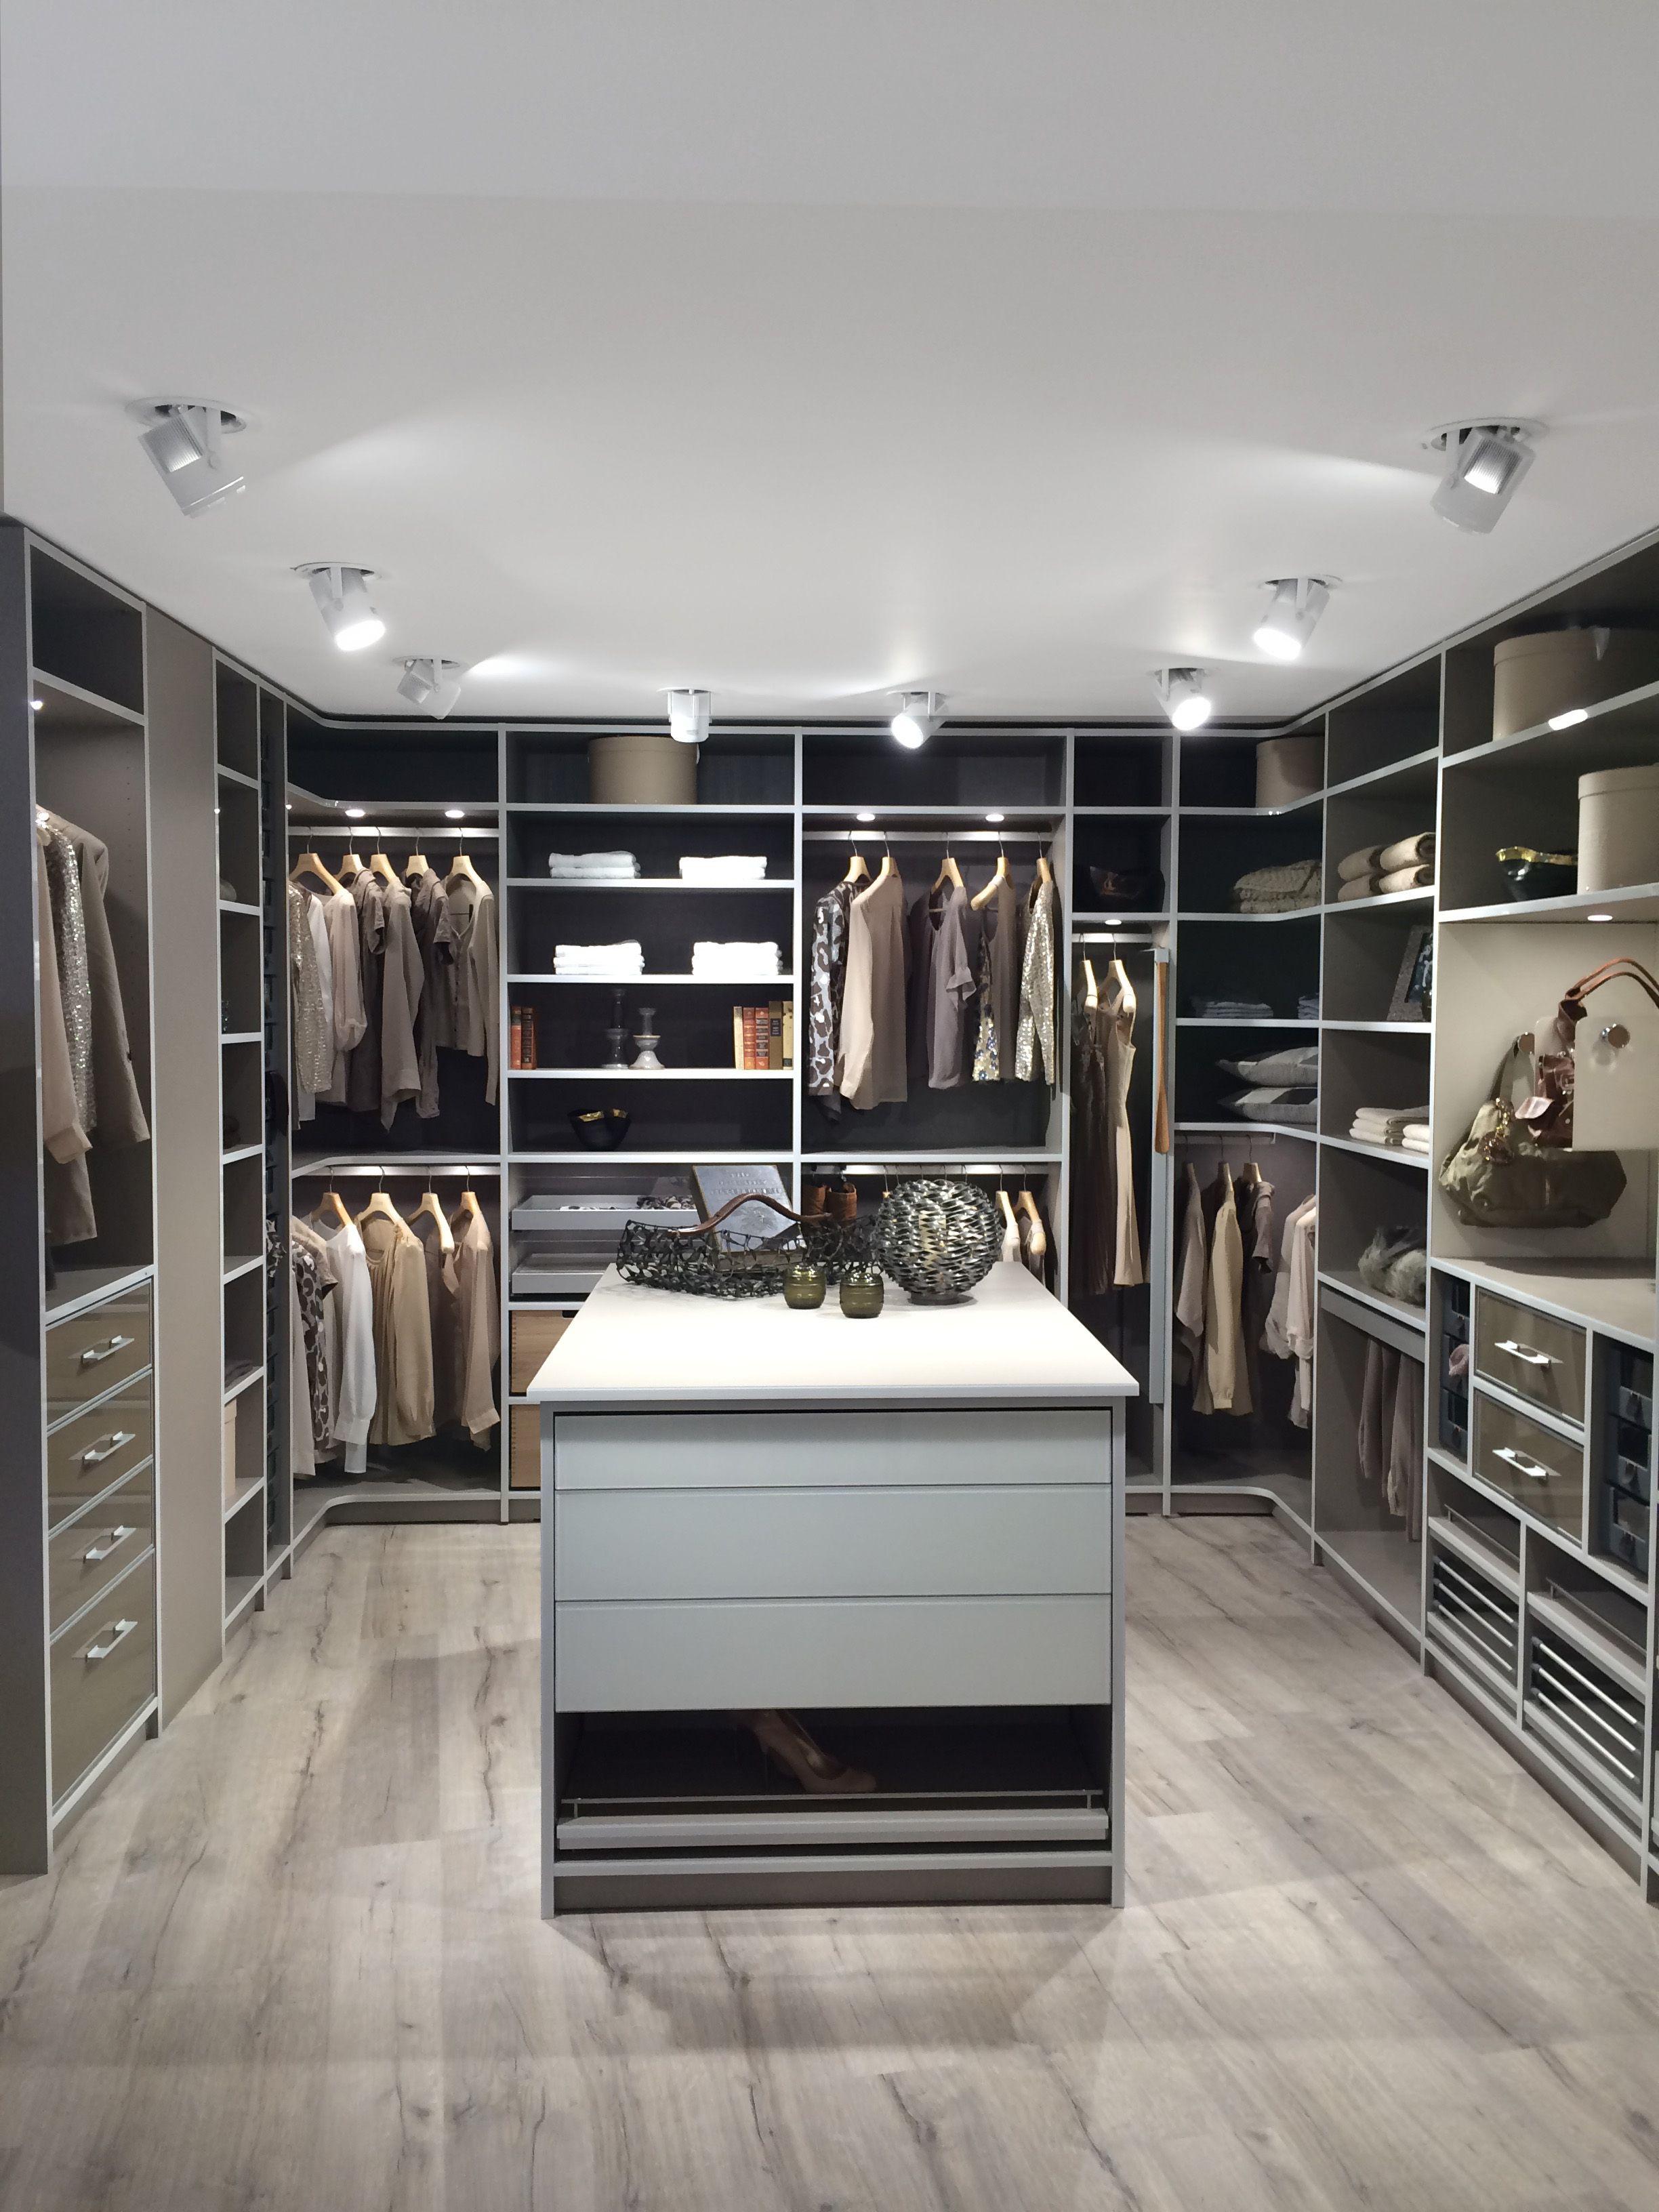 Gewinnt Den Wohnidee Leseraward 2019 Schrankdekoration Schrank Design Und Luxus Kleiderschrank